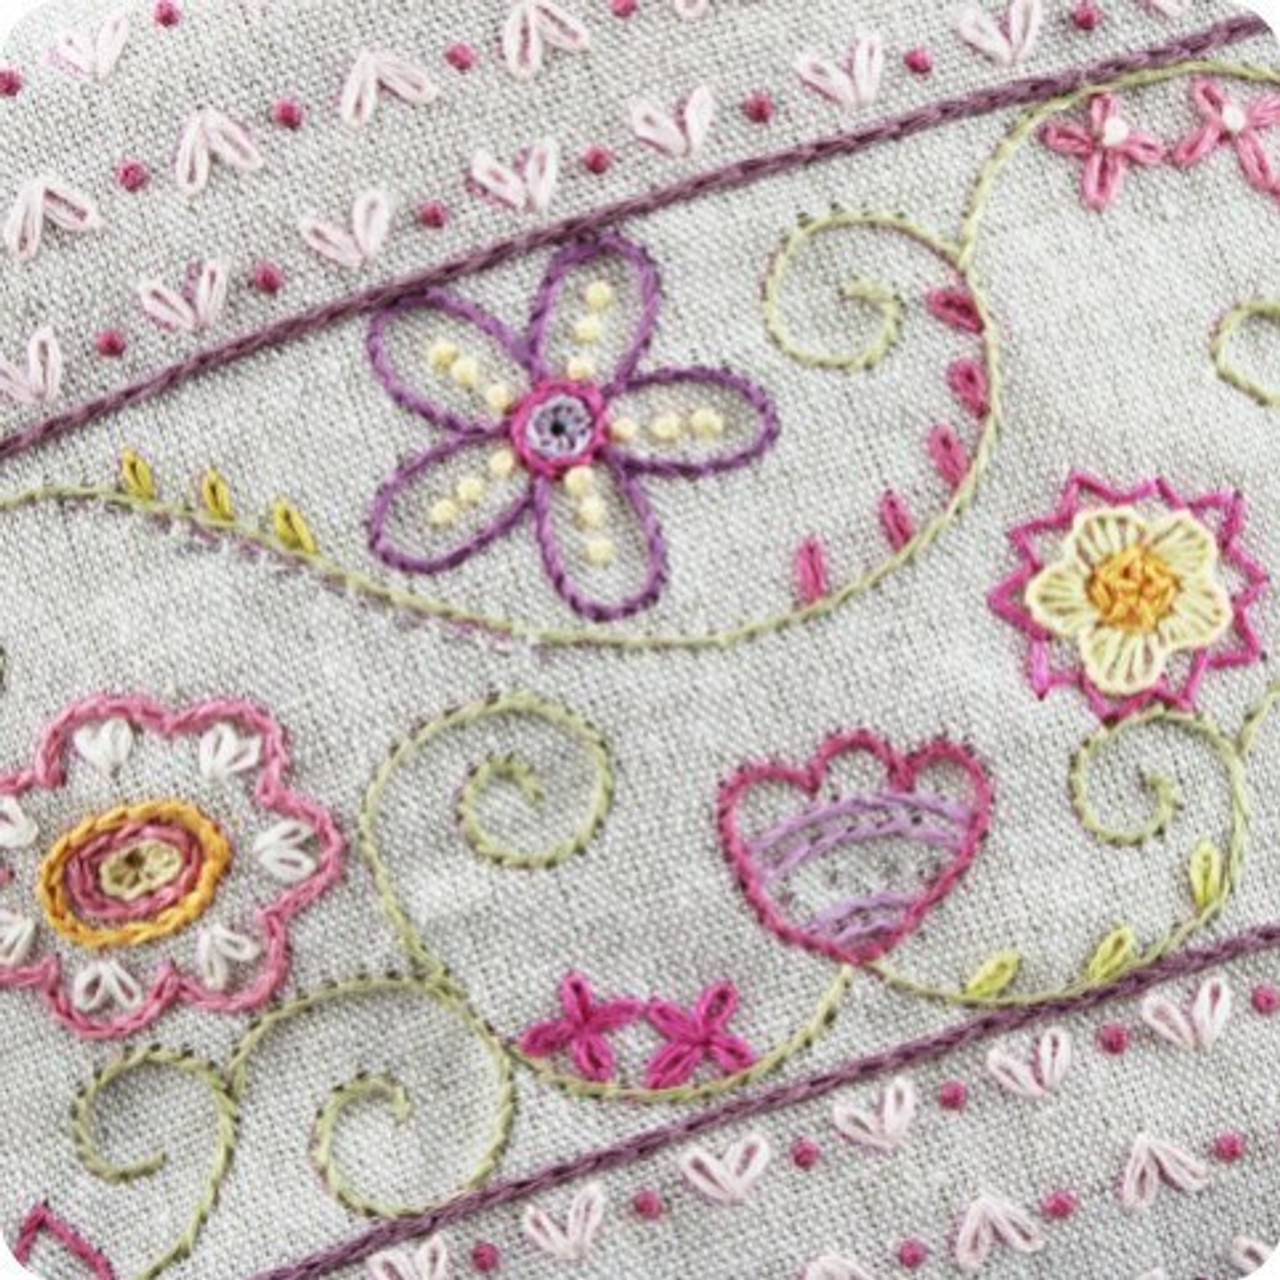 Un Chat dans l'aiguille : Trousse fleurie